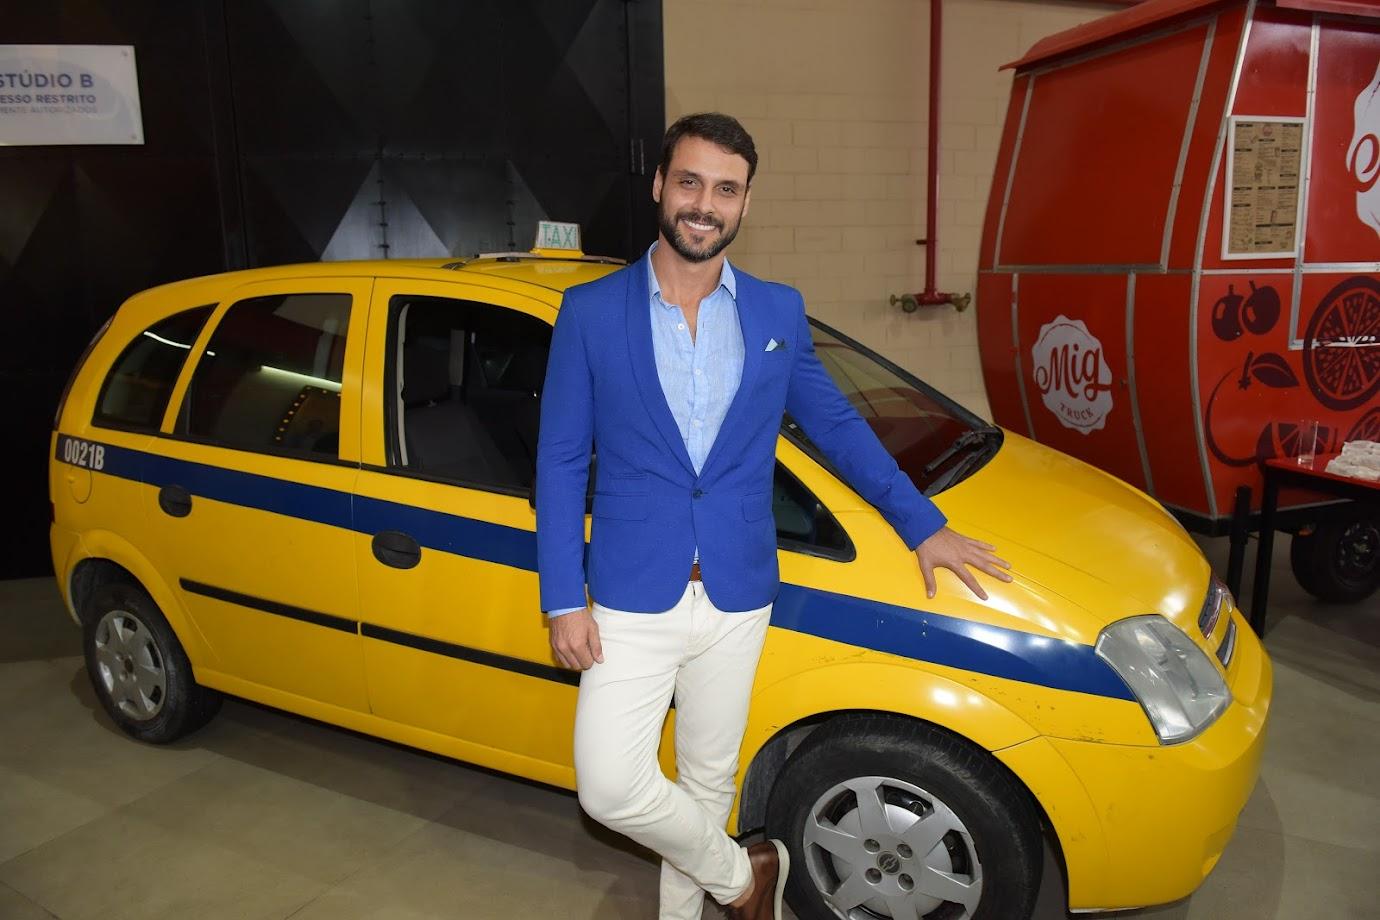 Felipe Cunha posa ao lado do táxi do seu personagem em Topíssima, Antonio